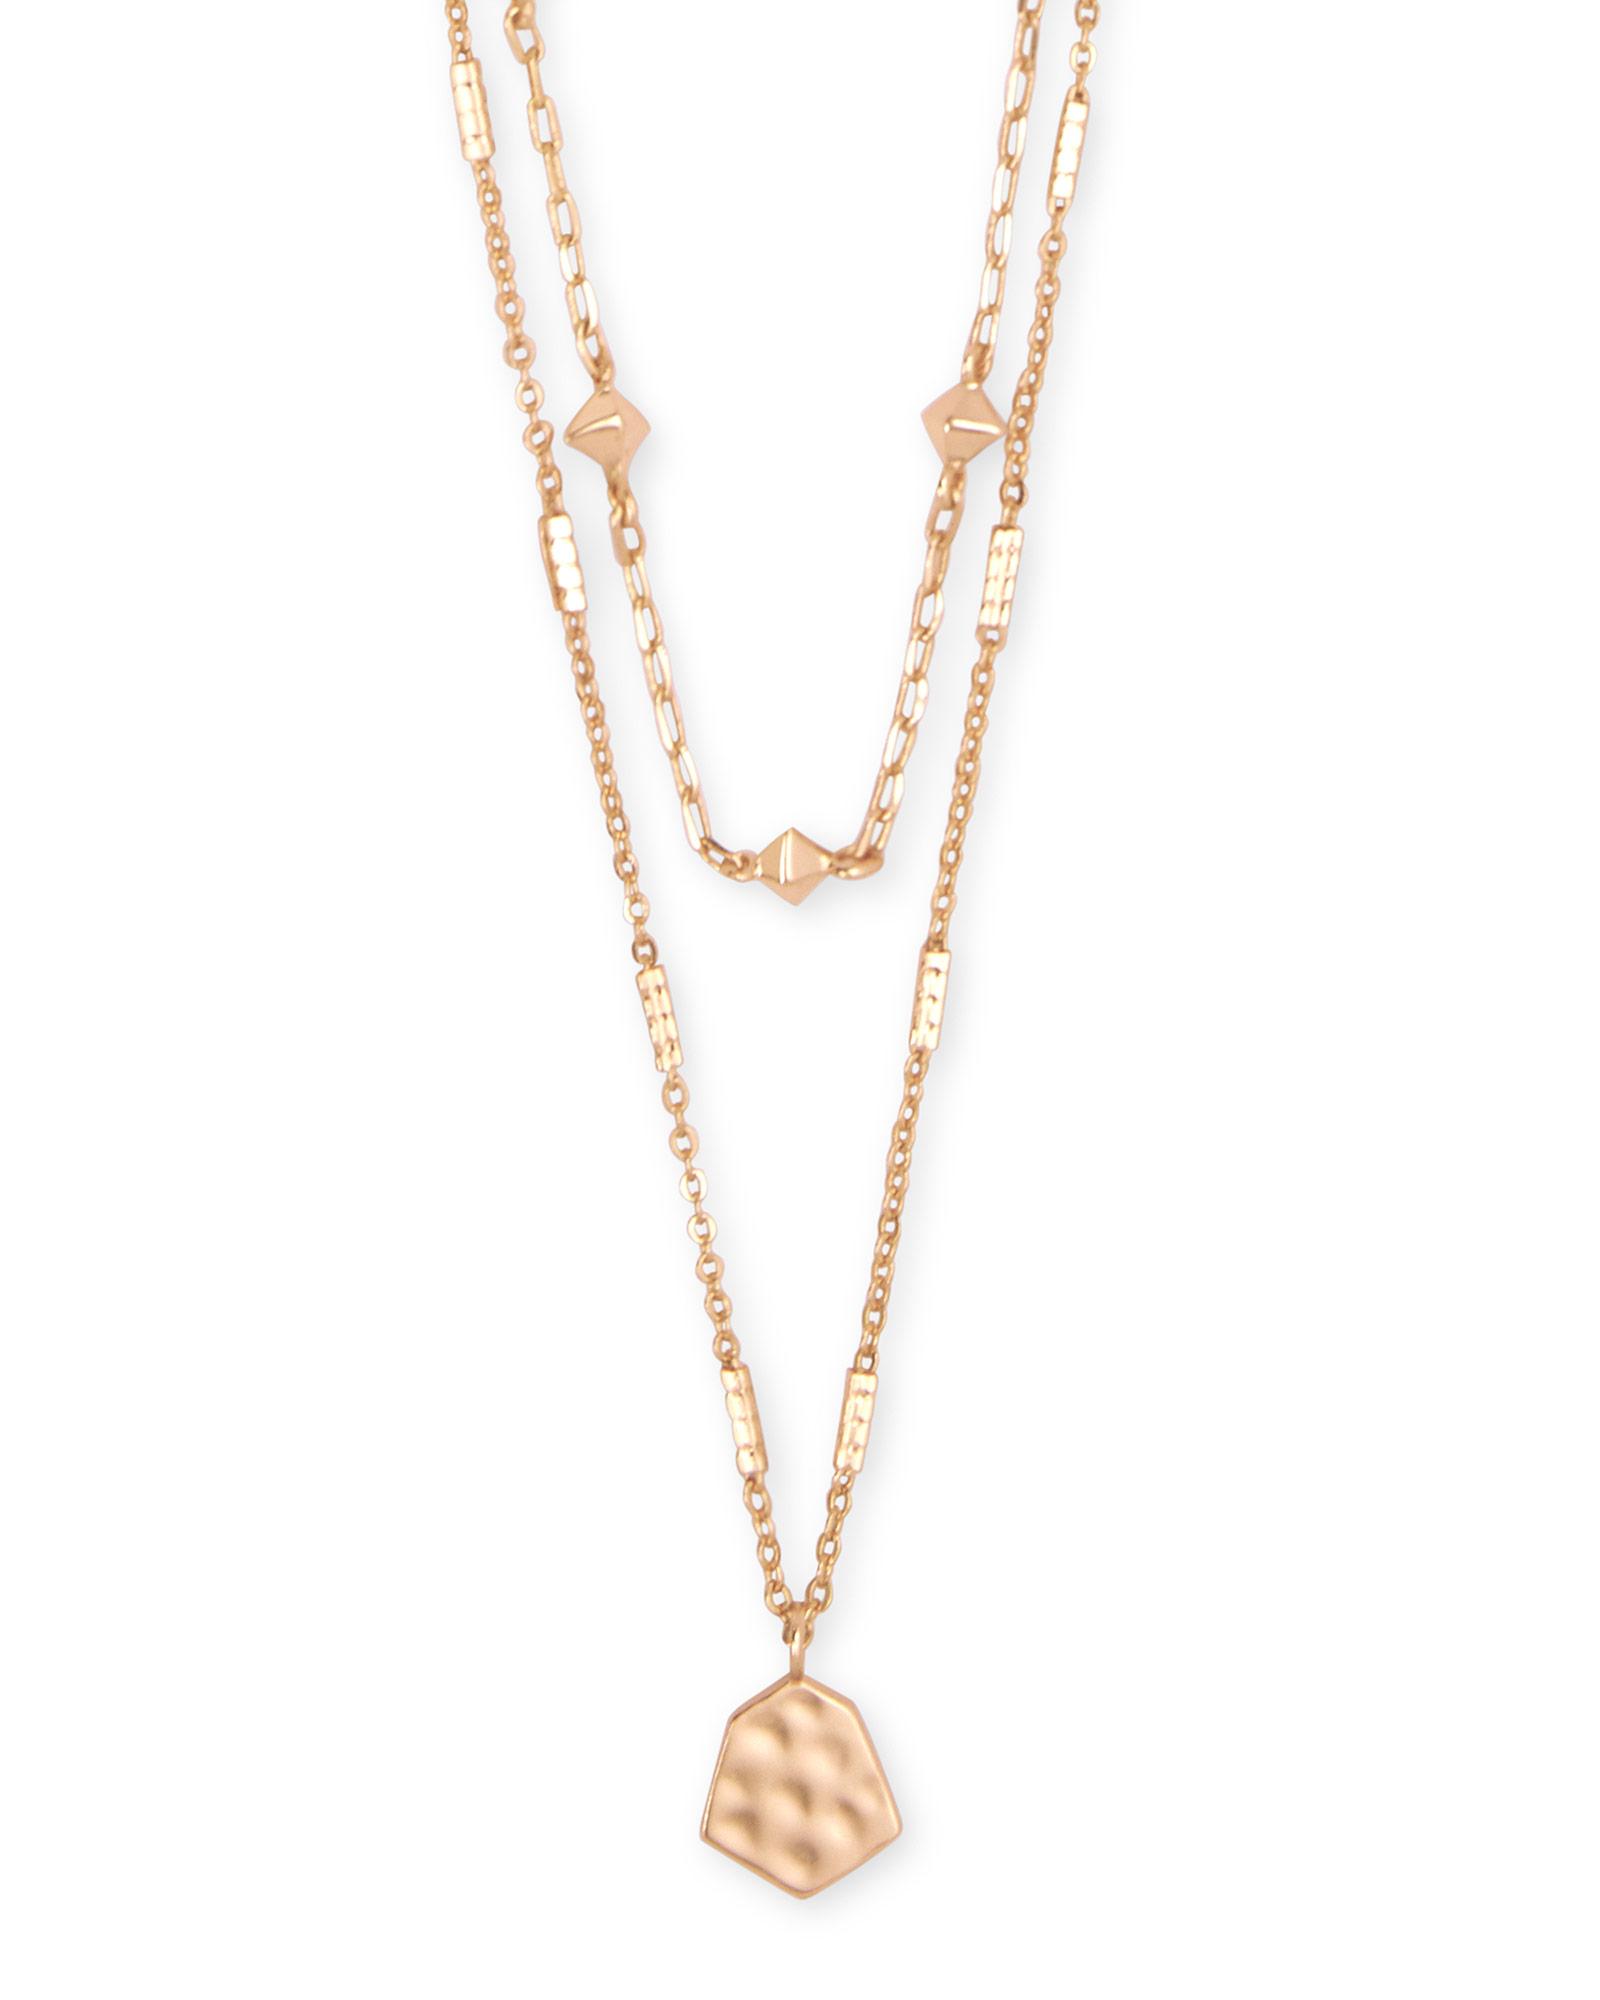 4ee27d6d102 Necklaces | Pendants | Chokers | Bar Necklaces | Kendra Scott